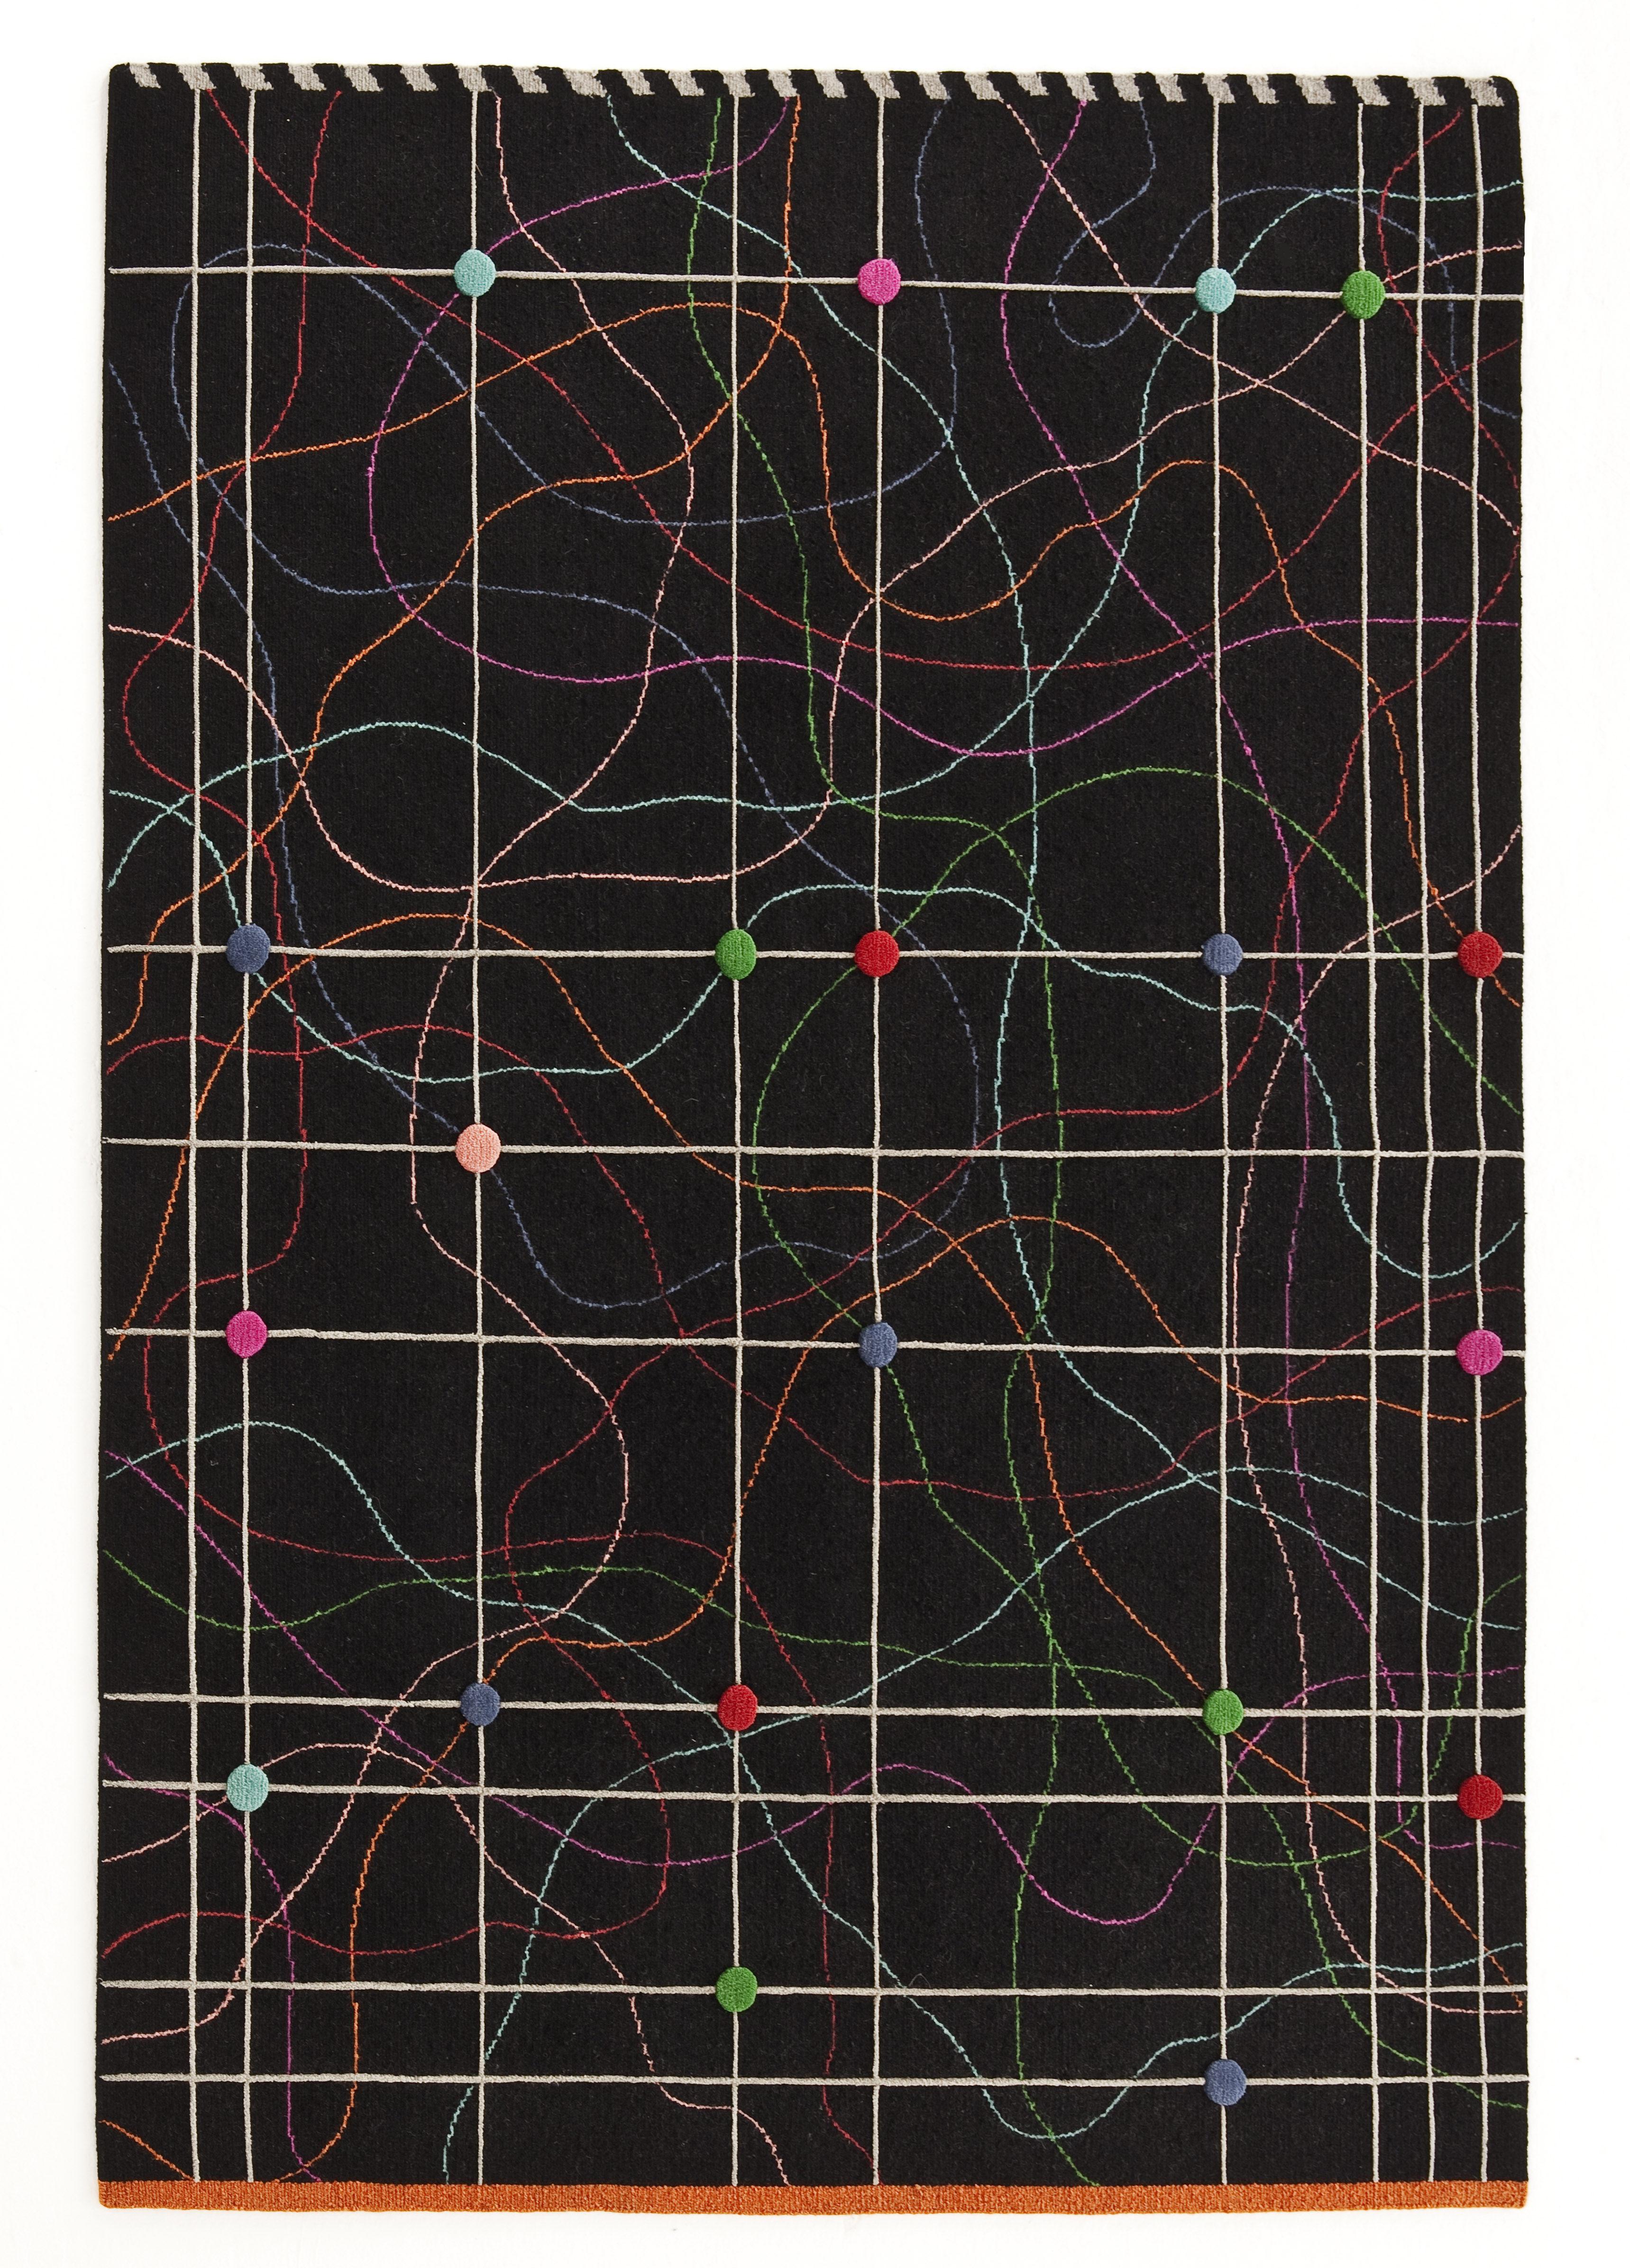 Dekoration - Teppiche - Rabari 3 Teppich / handgeknüpft - 170 x 240 cm - Nanimarquina - Mehrfarbige abstrakte Motive auf schwarzem Hintergrund - Laine vierge